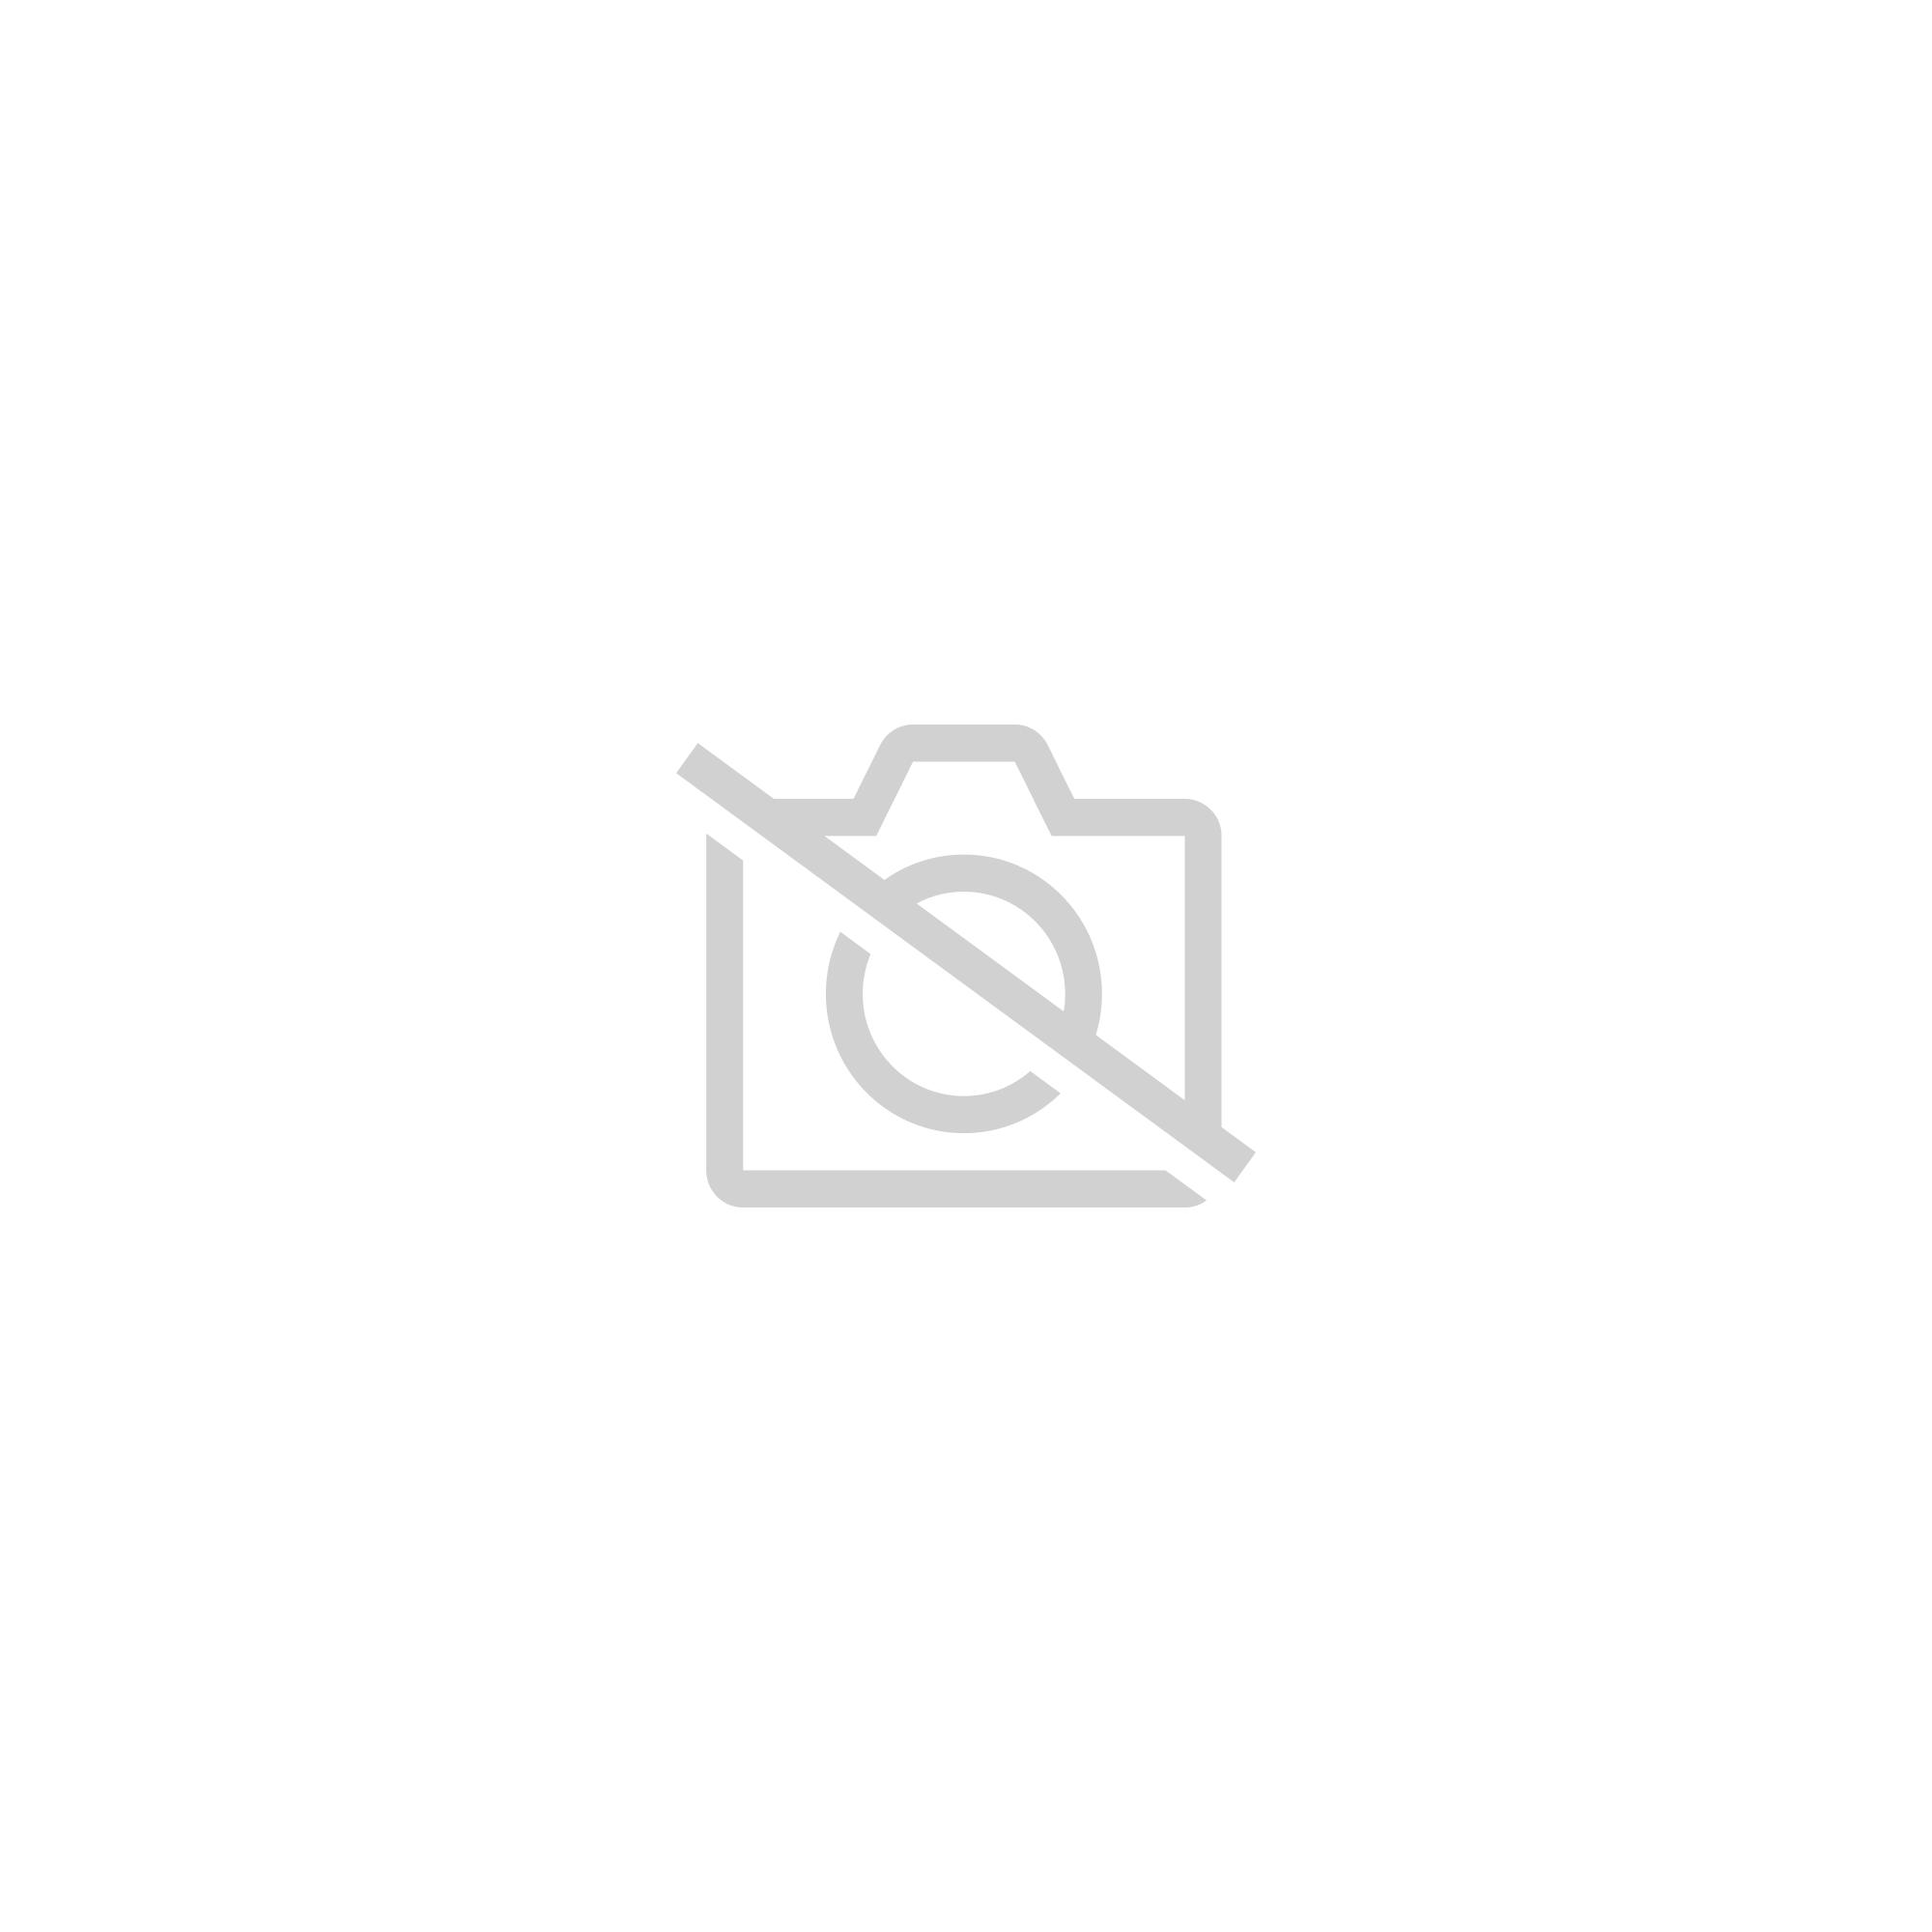 Lexmark - Cartouche de toner - 1 x noir - 3500 pages - LCCP